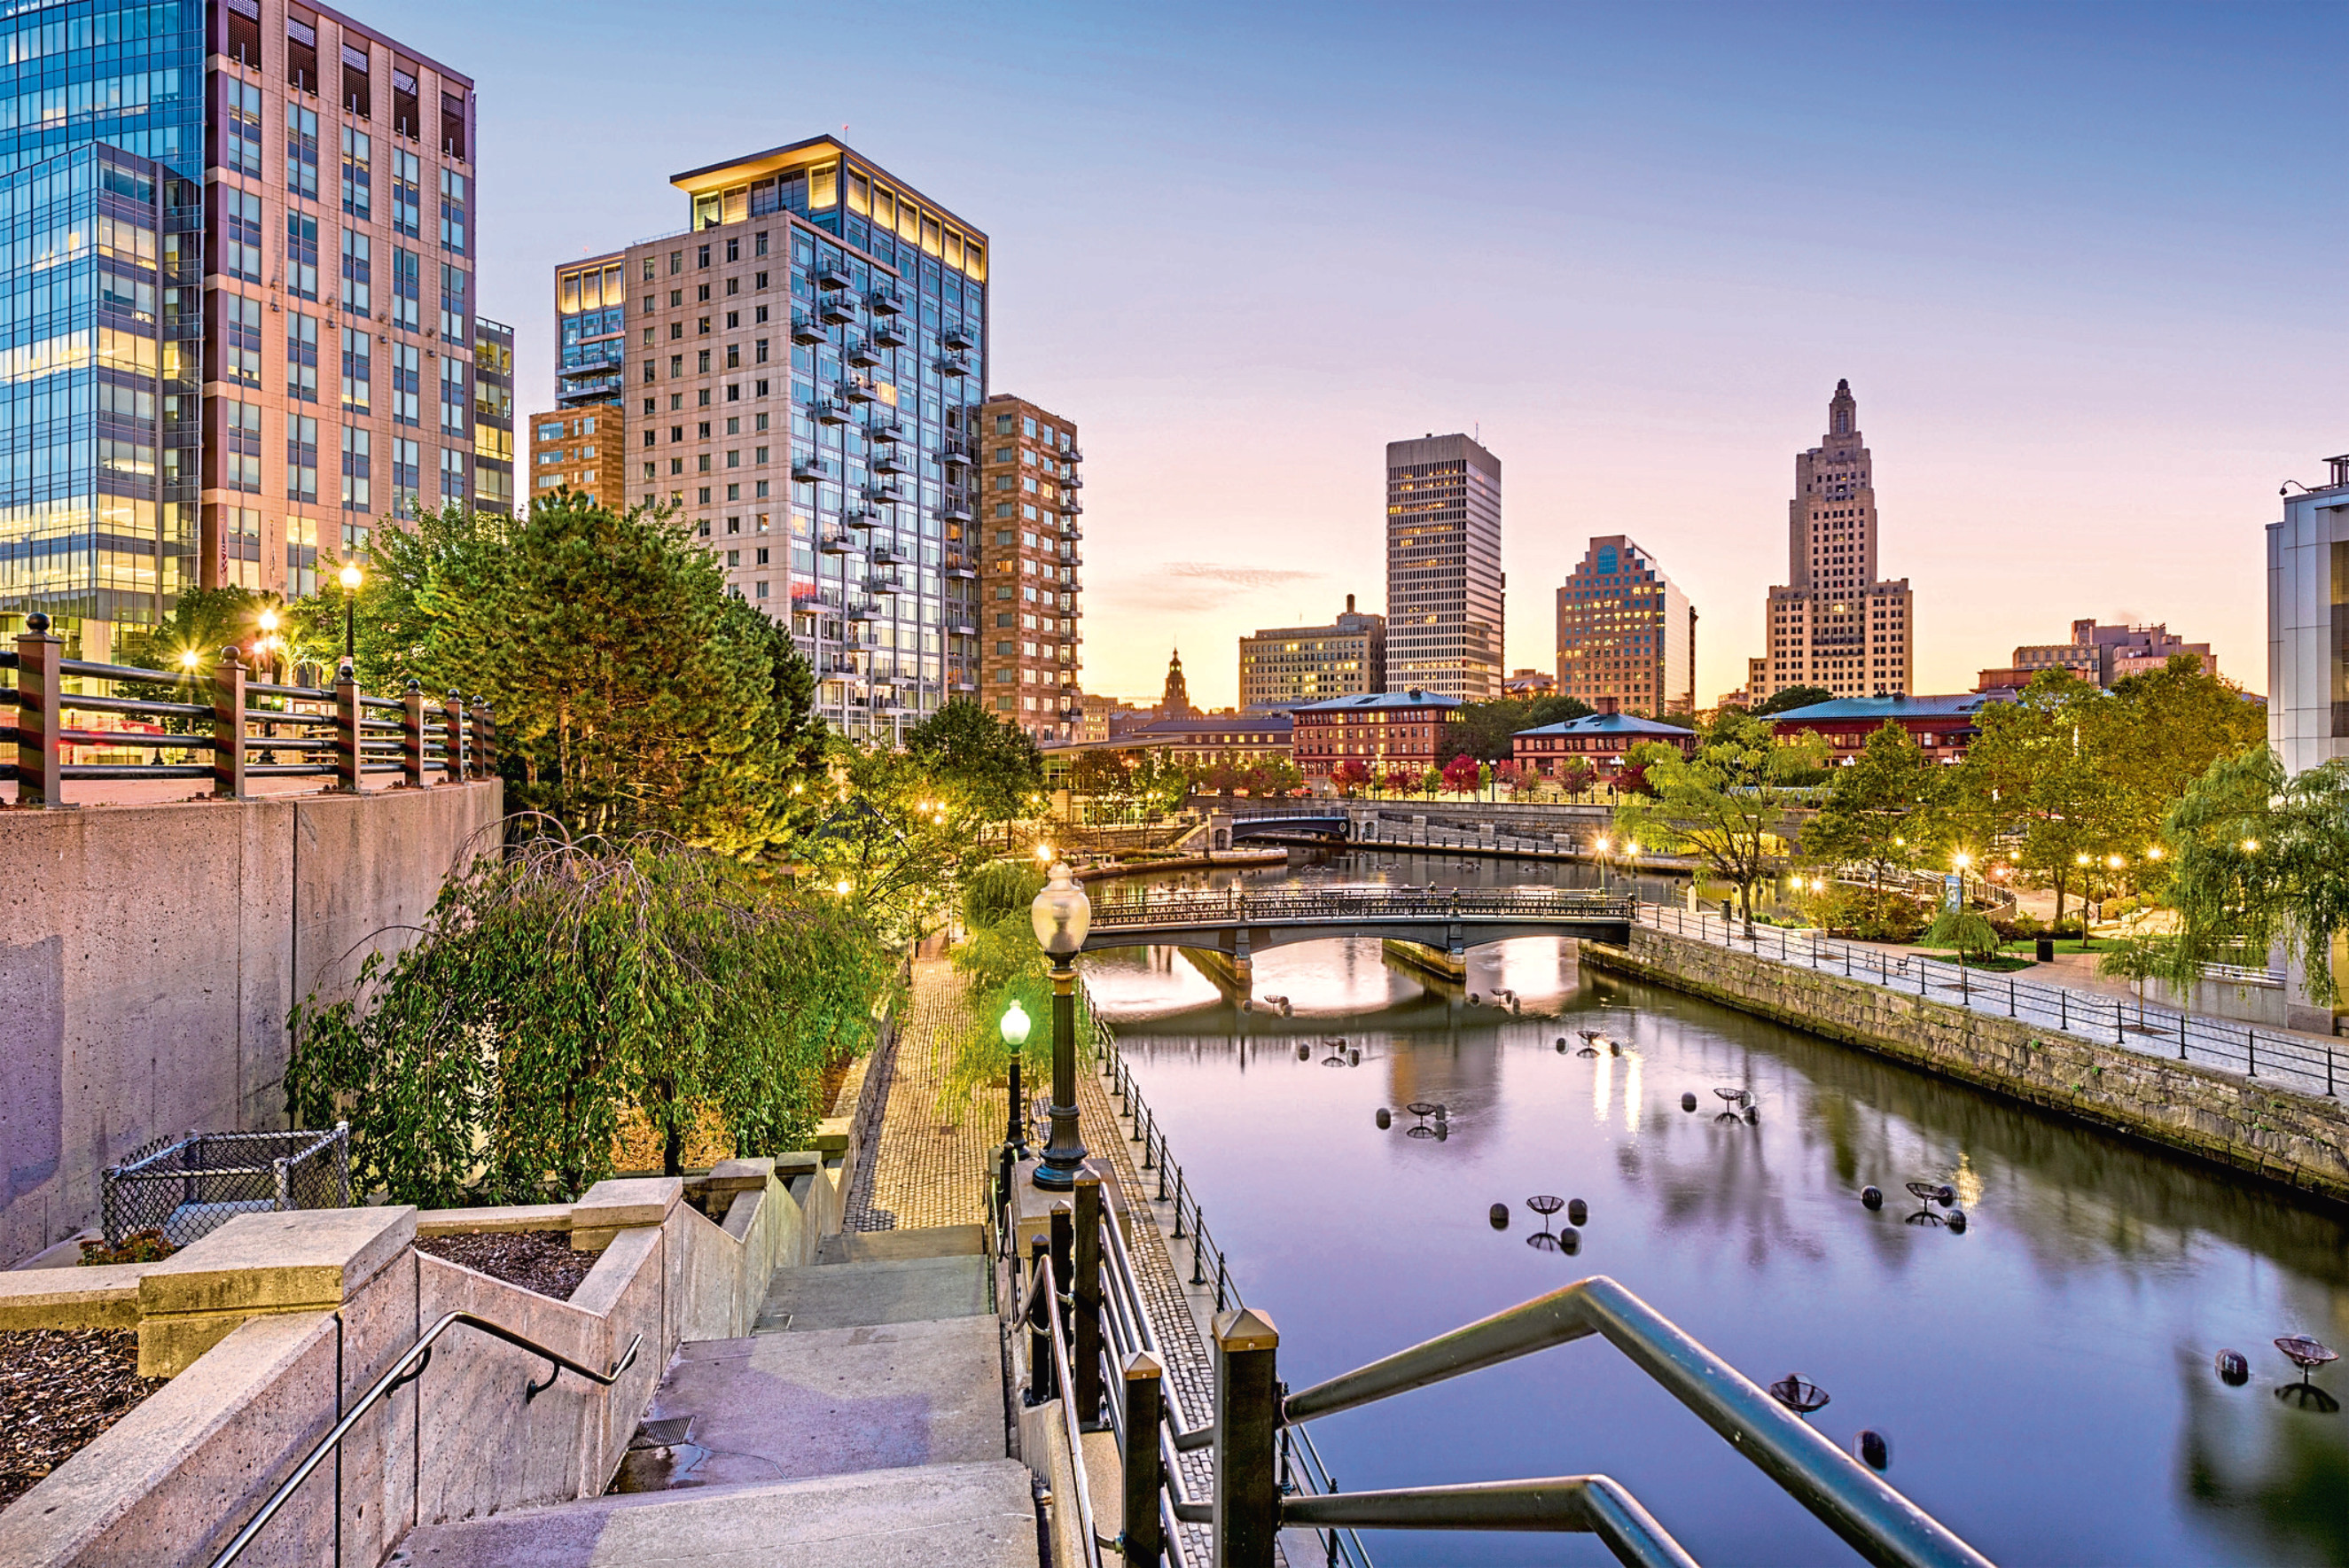 Riverside in Providence, capital of Rhode Island, where Catriona spent summer